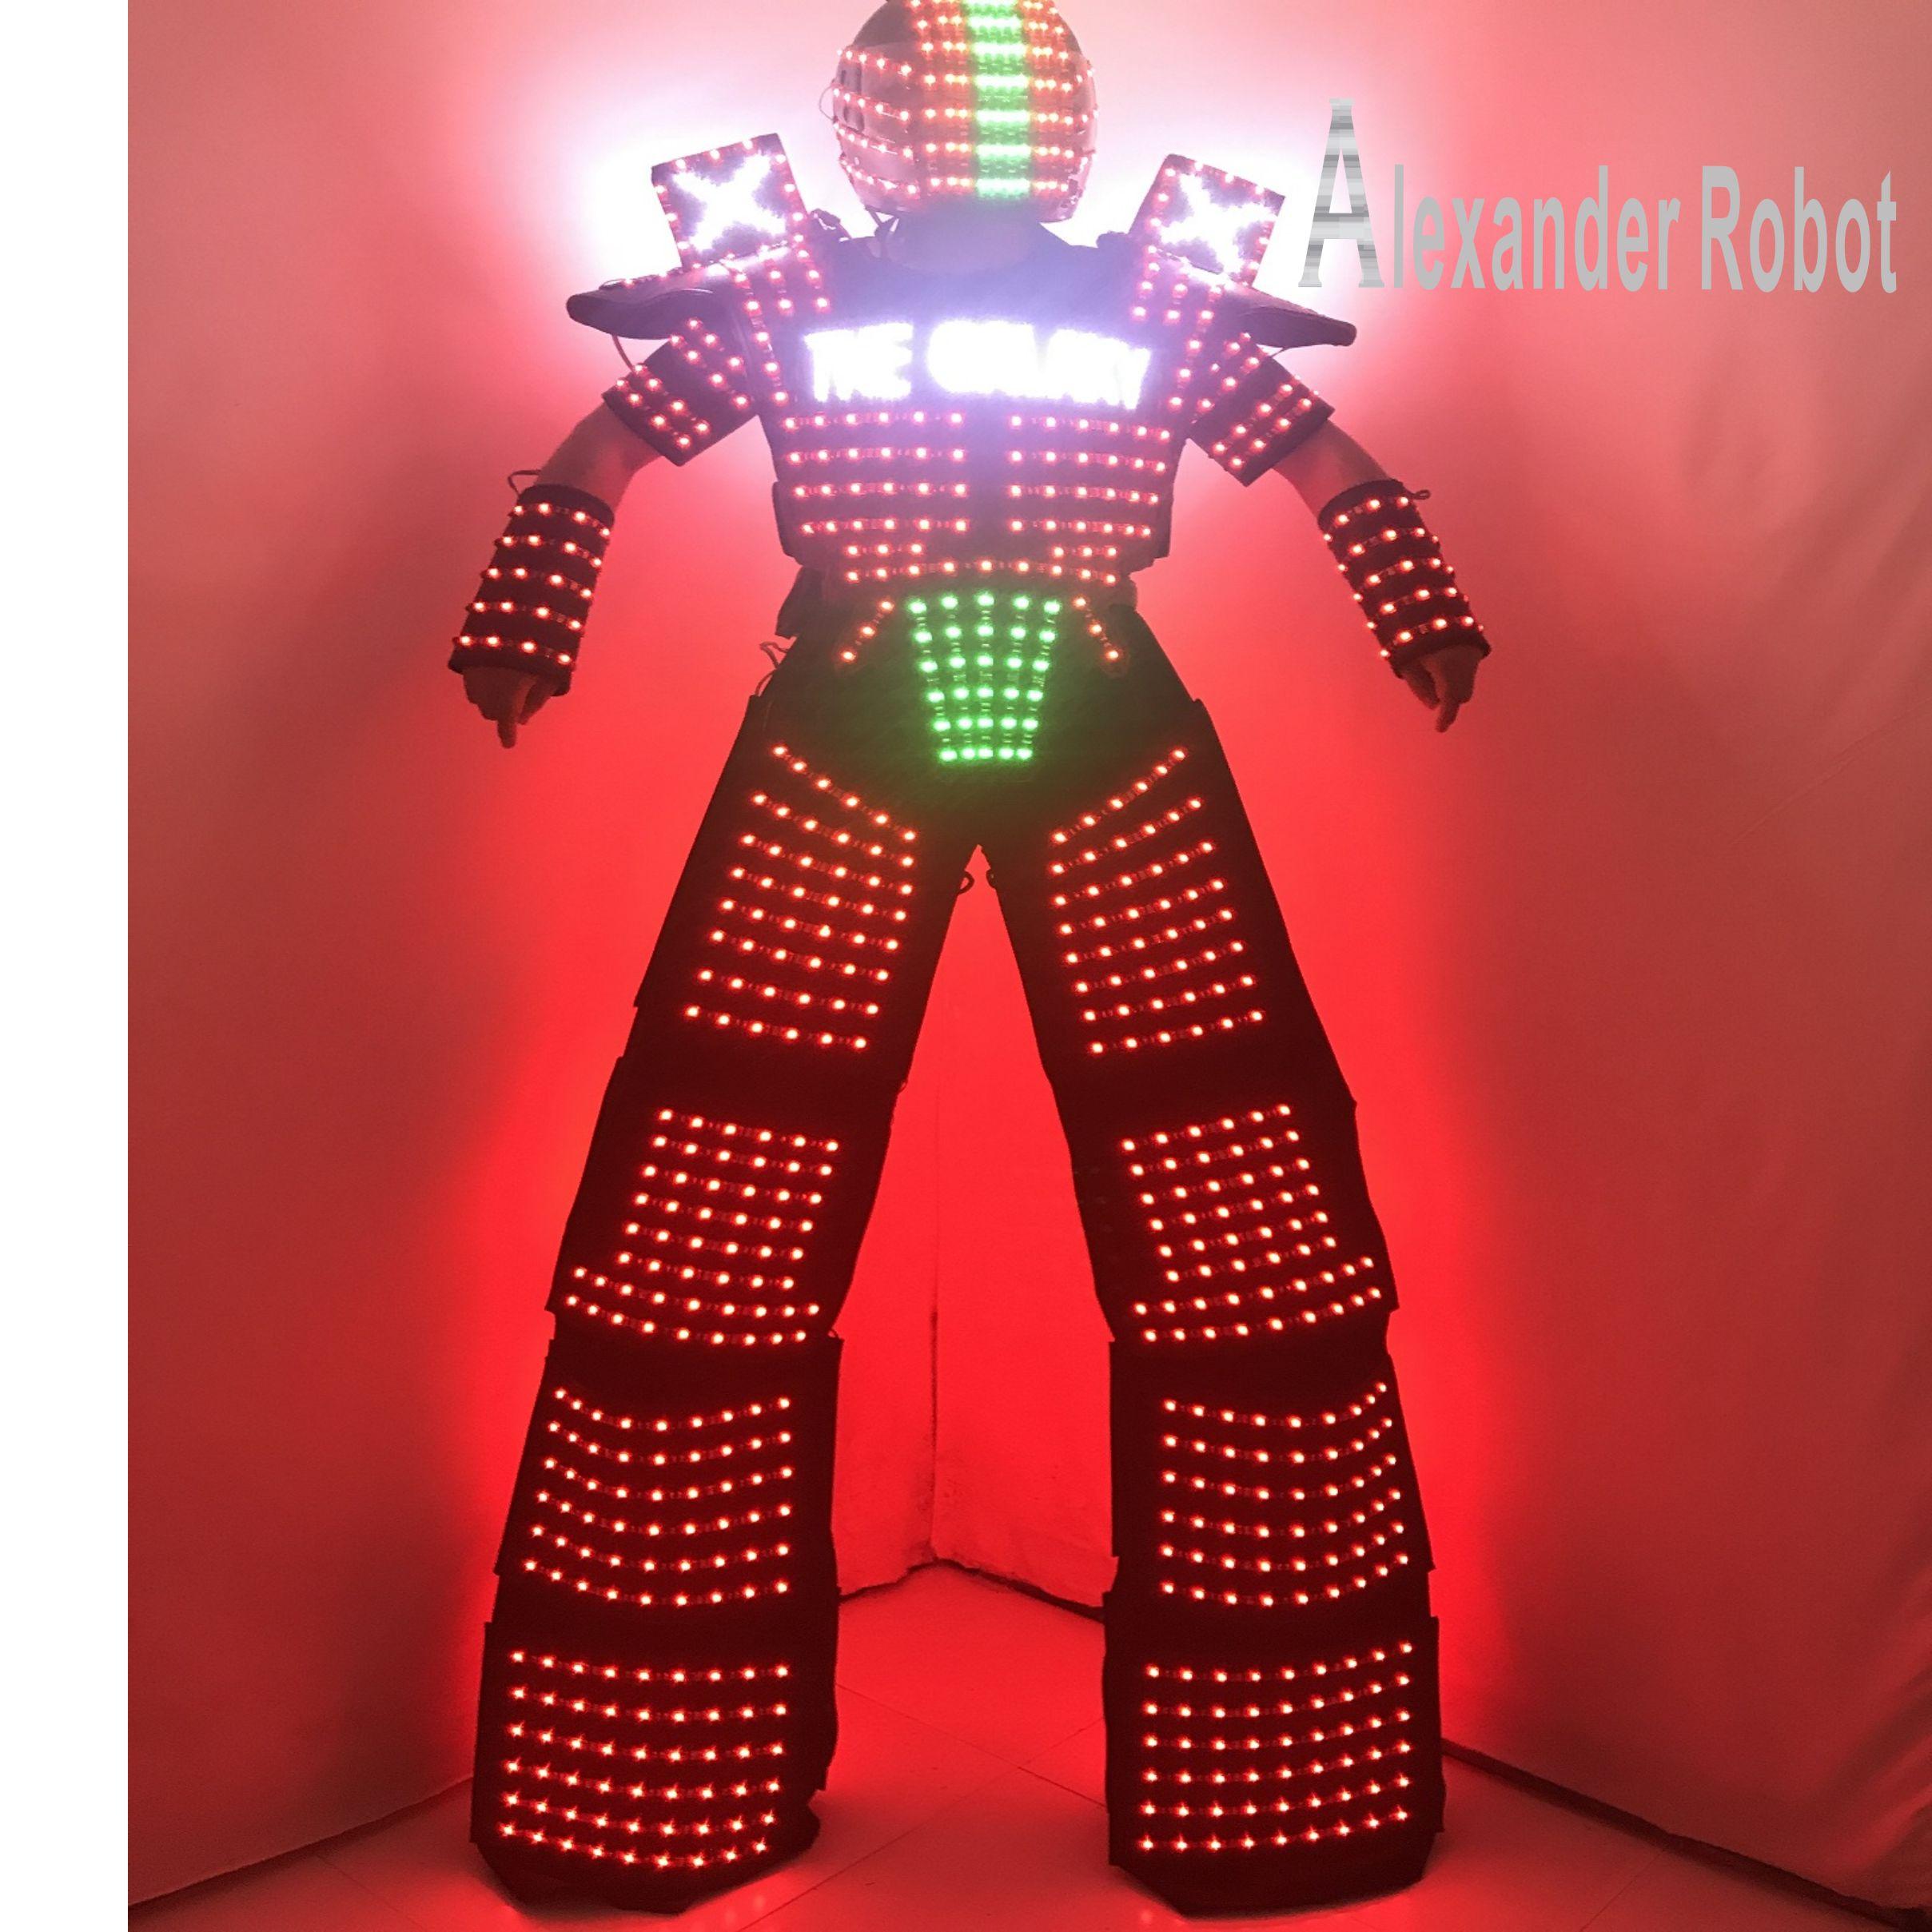 زي LED / ملابس LED / بدلات خفيفة / بدلات روبوت LED / بدلة مضيئة / بدلة ألكساندر الآلية